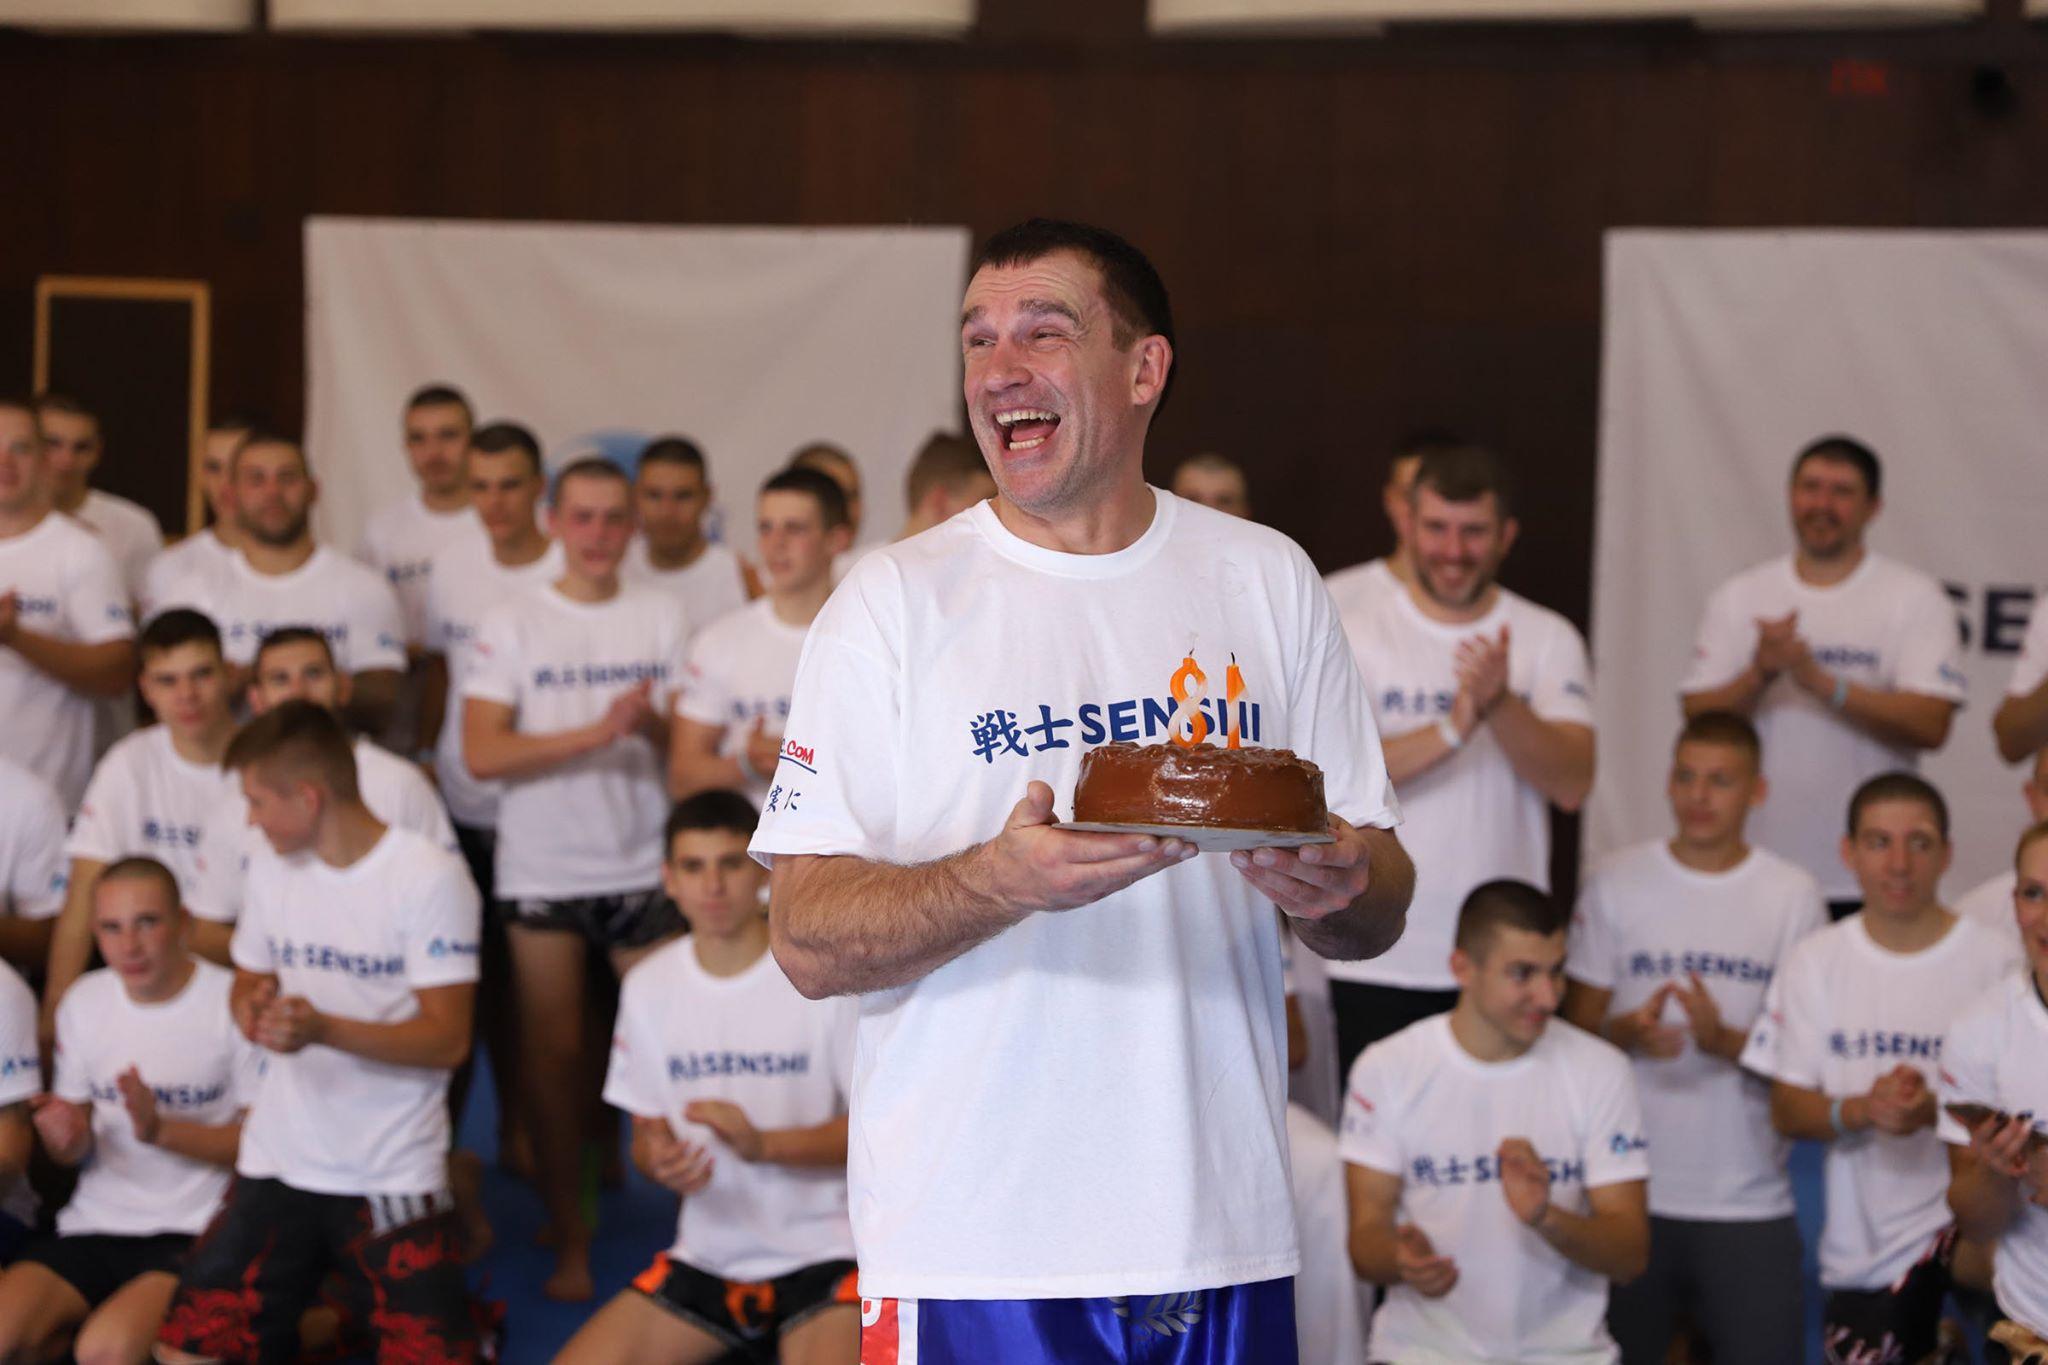 Петер Артс отпразнува рожден ден с тренировки във Варна (ВИДЕО)